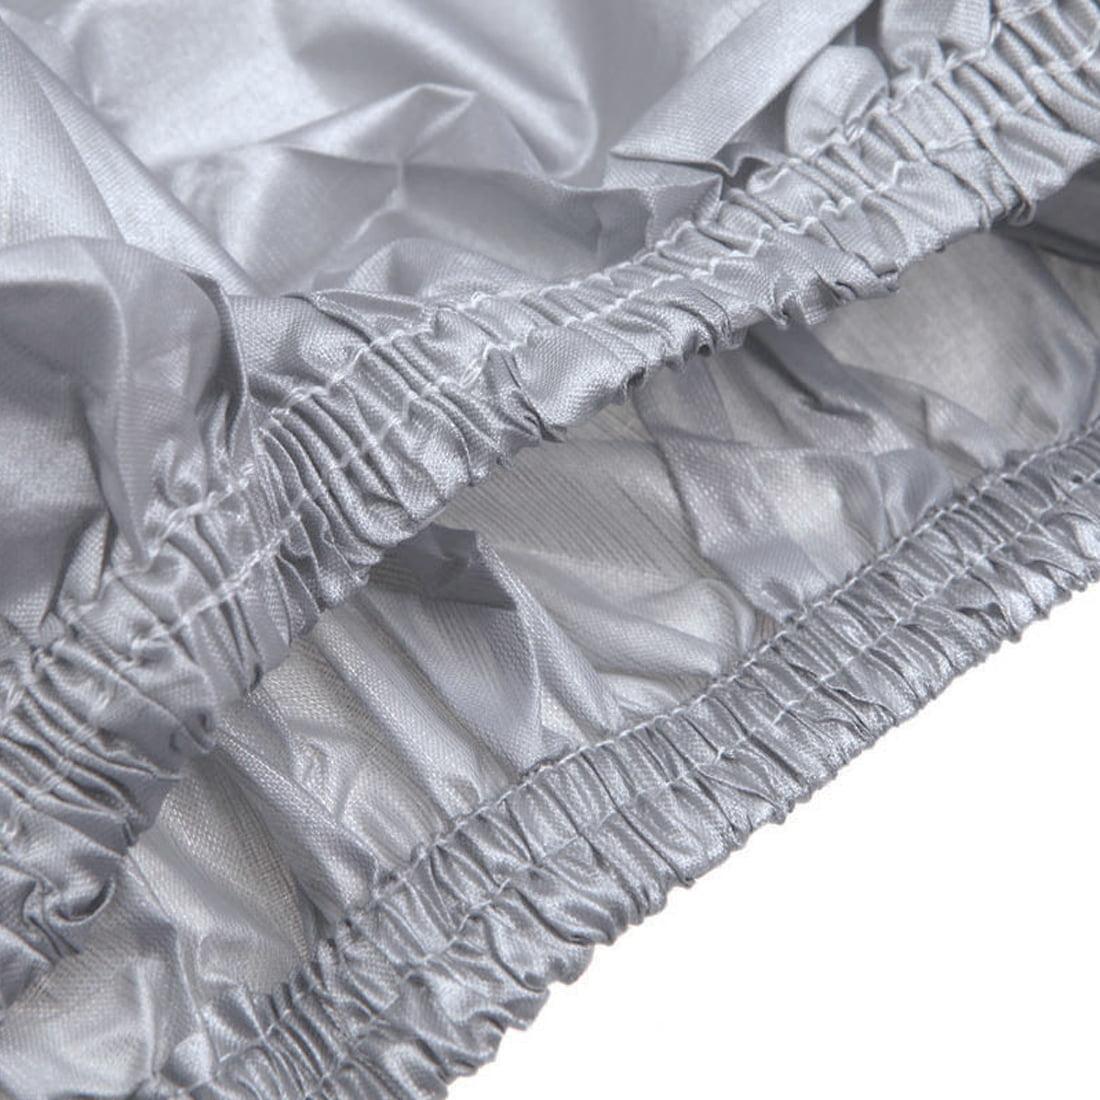 Housse extérieure résistant aux UV Protection Pluie pour COROLLA - image 1 de 2